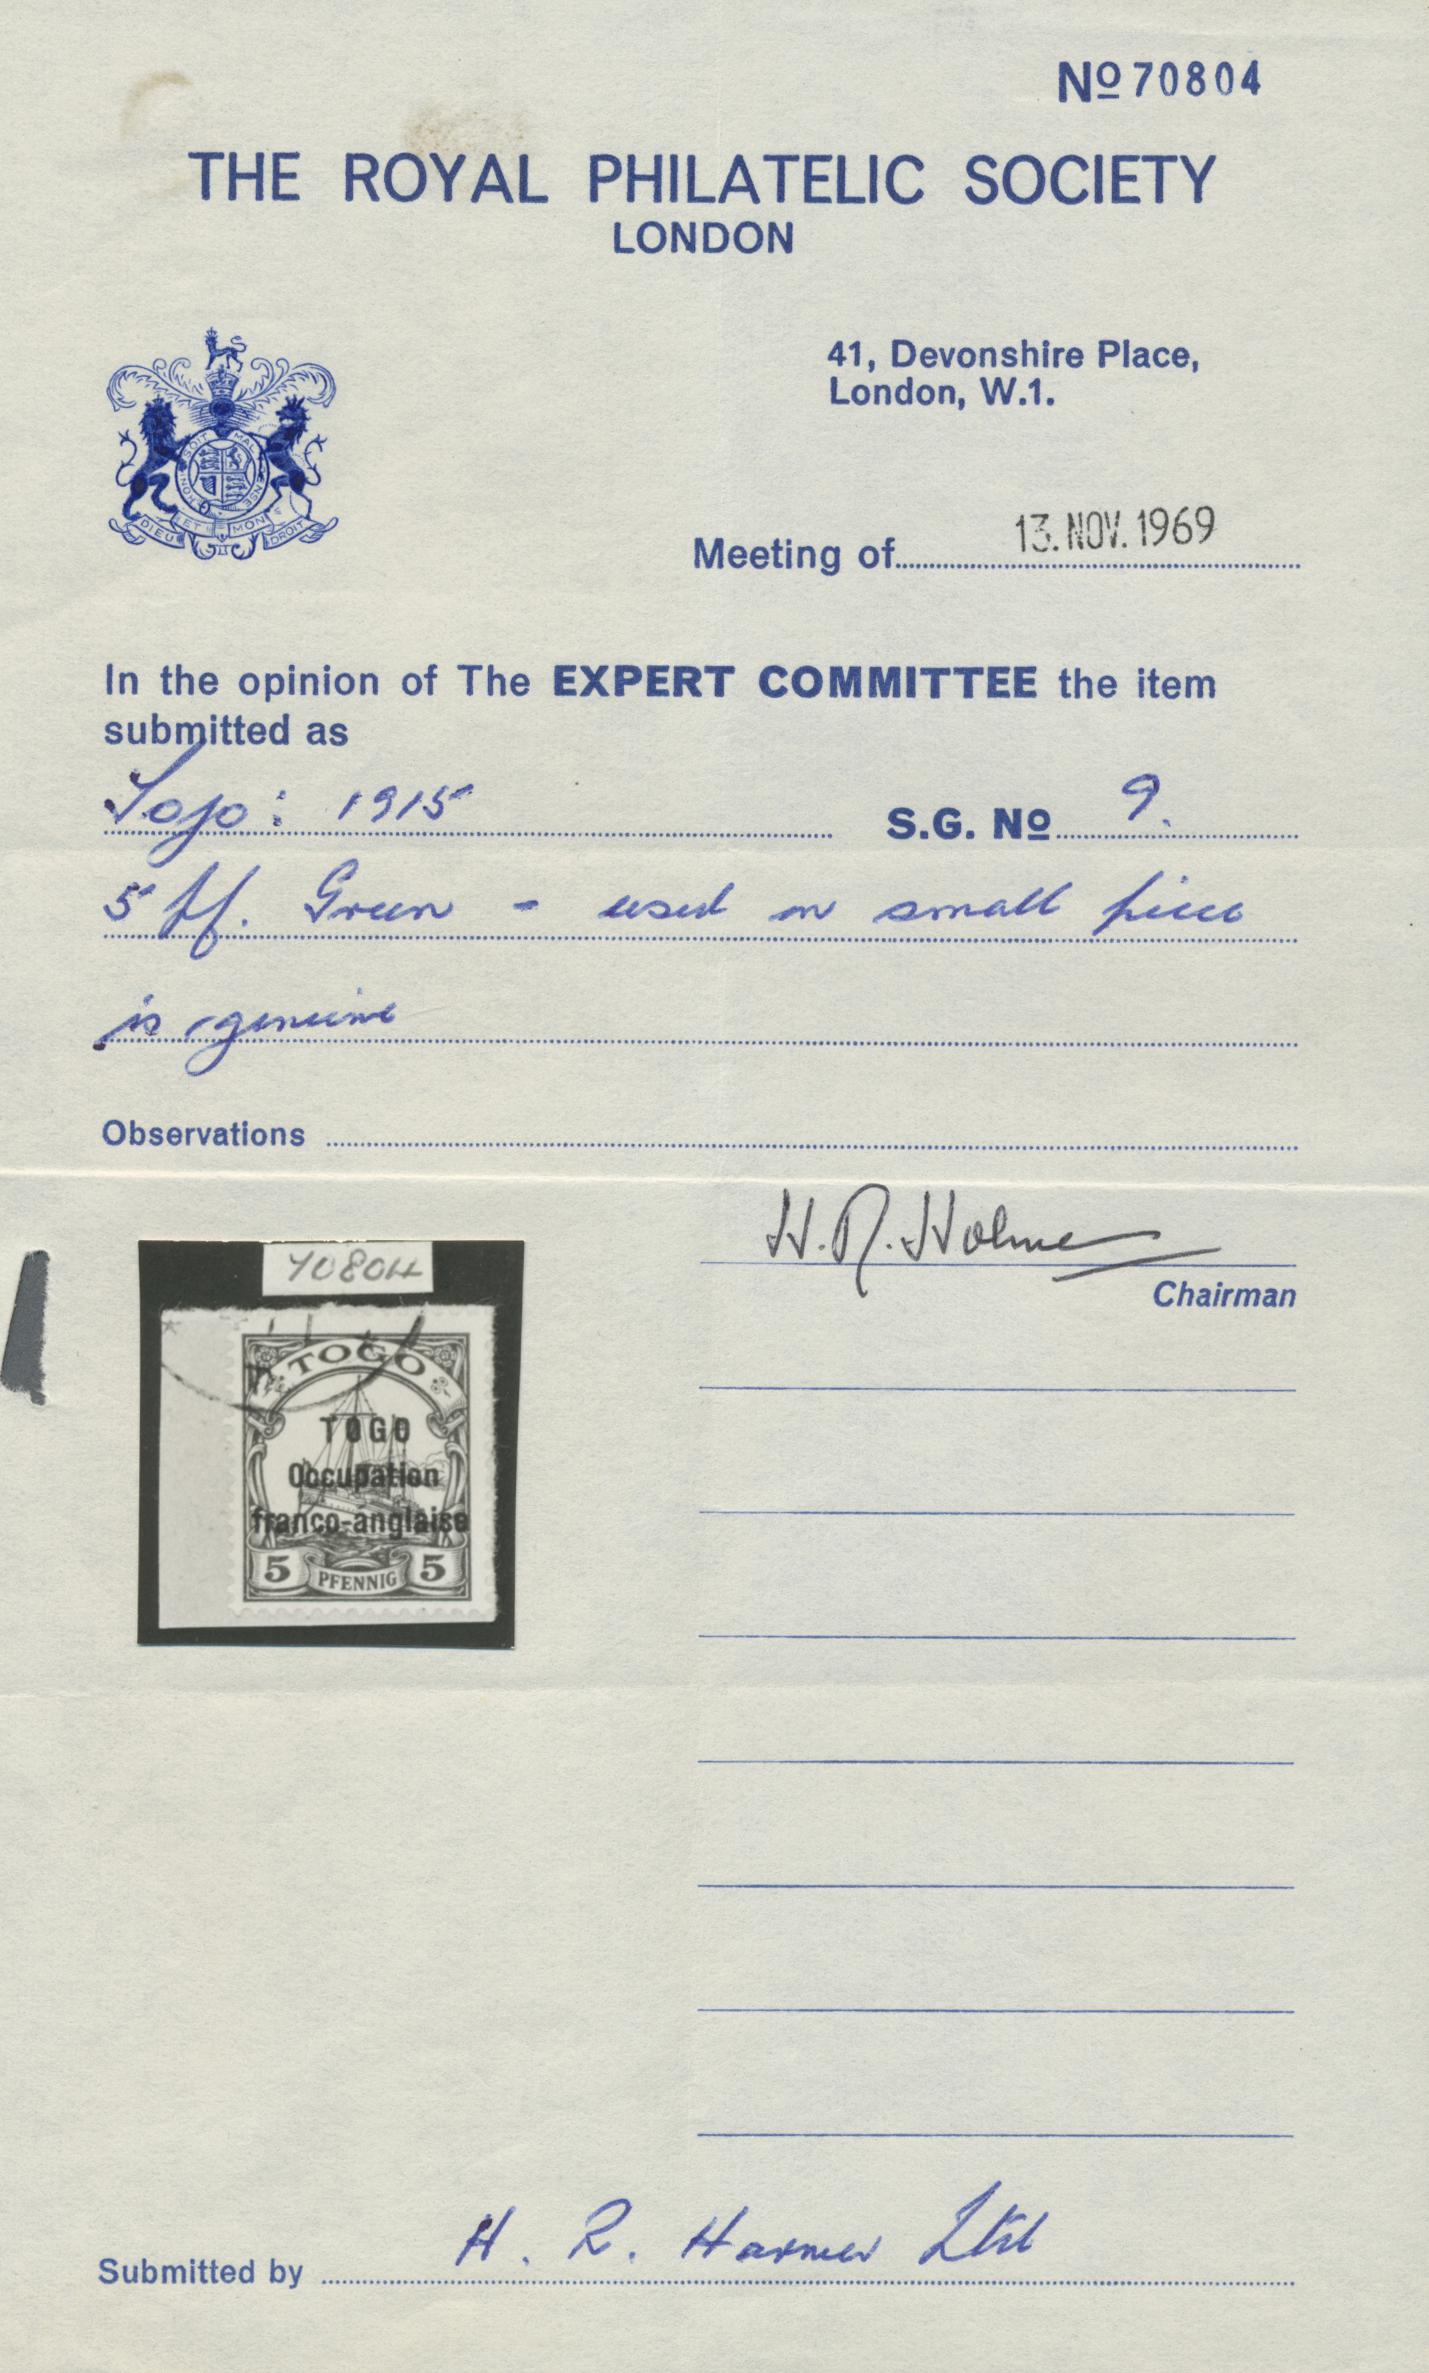 Lot 18834 - Deutsche Kolonien - Togo - Französische Besetzung  -  Auktionshaus Christoph Gärtner GmbH & Co. KG Auction #40 Germany, Picture Post Cards, Collections Overseas, Thematics